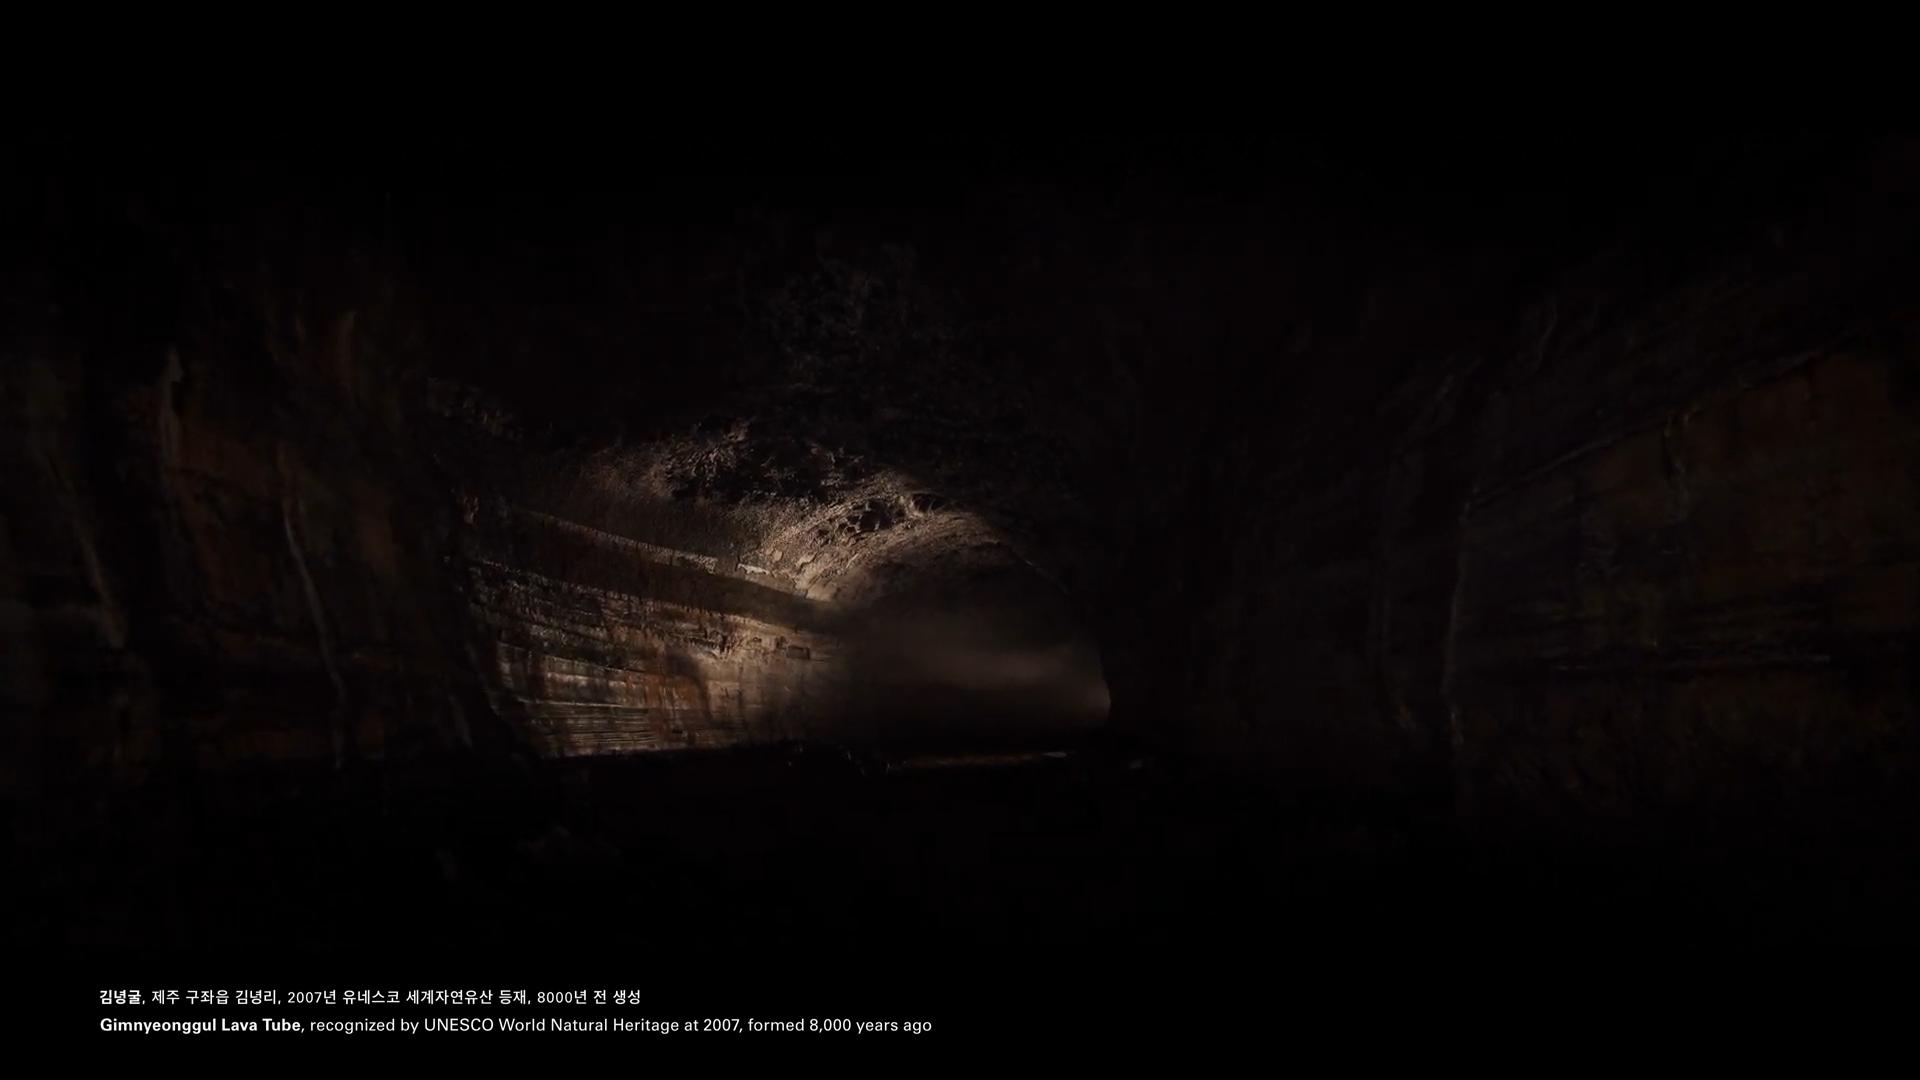 ท่อลาวากิมยอนกุล Gimnyeonggul เกิดขึ้นเมื่อ 8,000 ปีที่แล้ว – รับรองเป็นมรดกโลกโดยยูเนสโกเมื่อปี พ.ศ. 2550